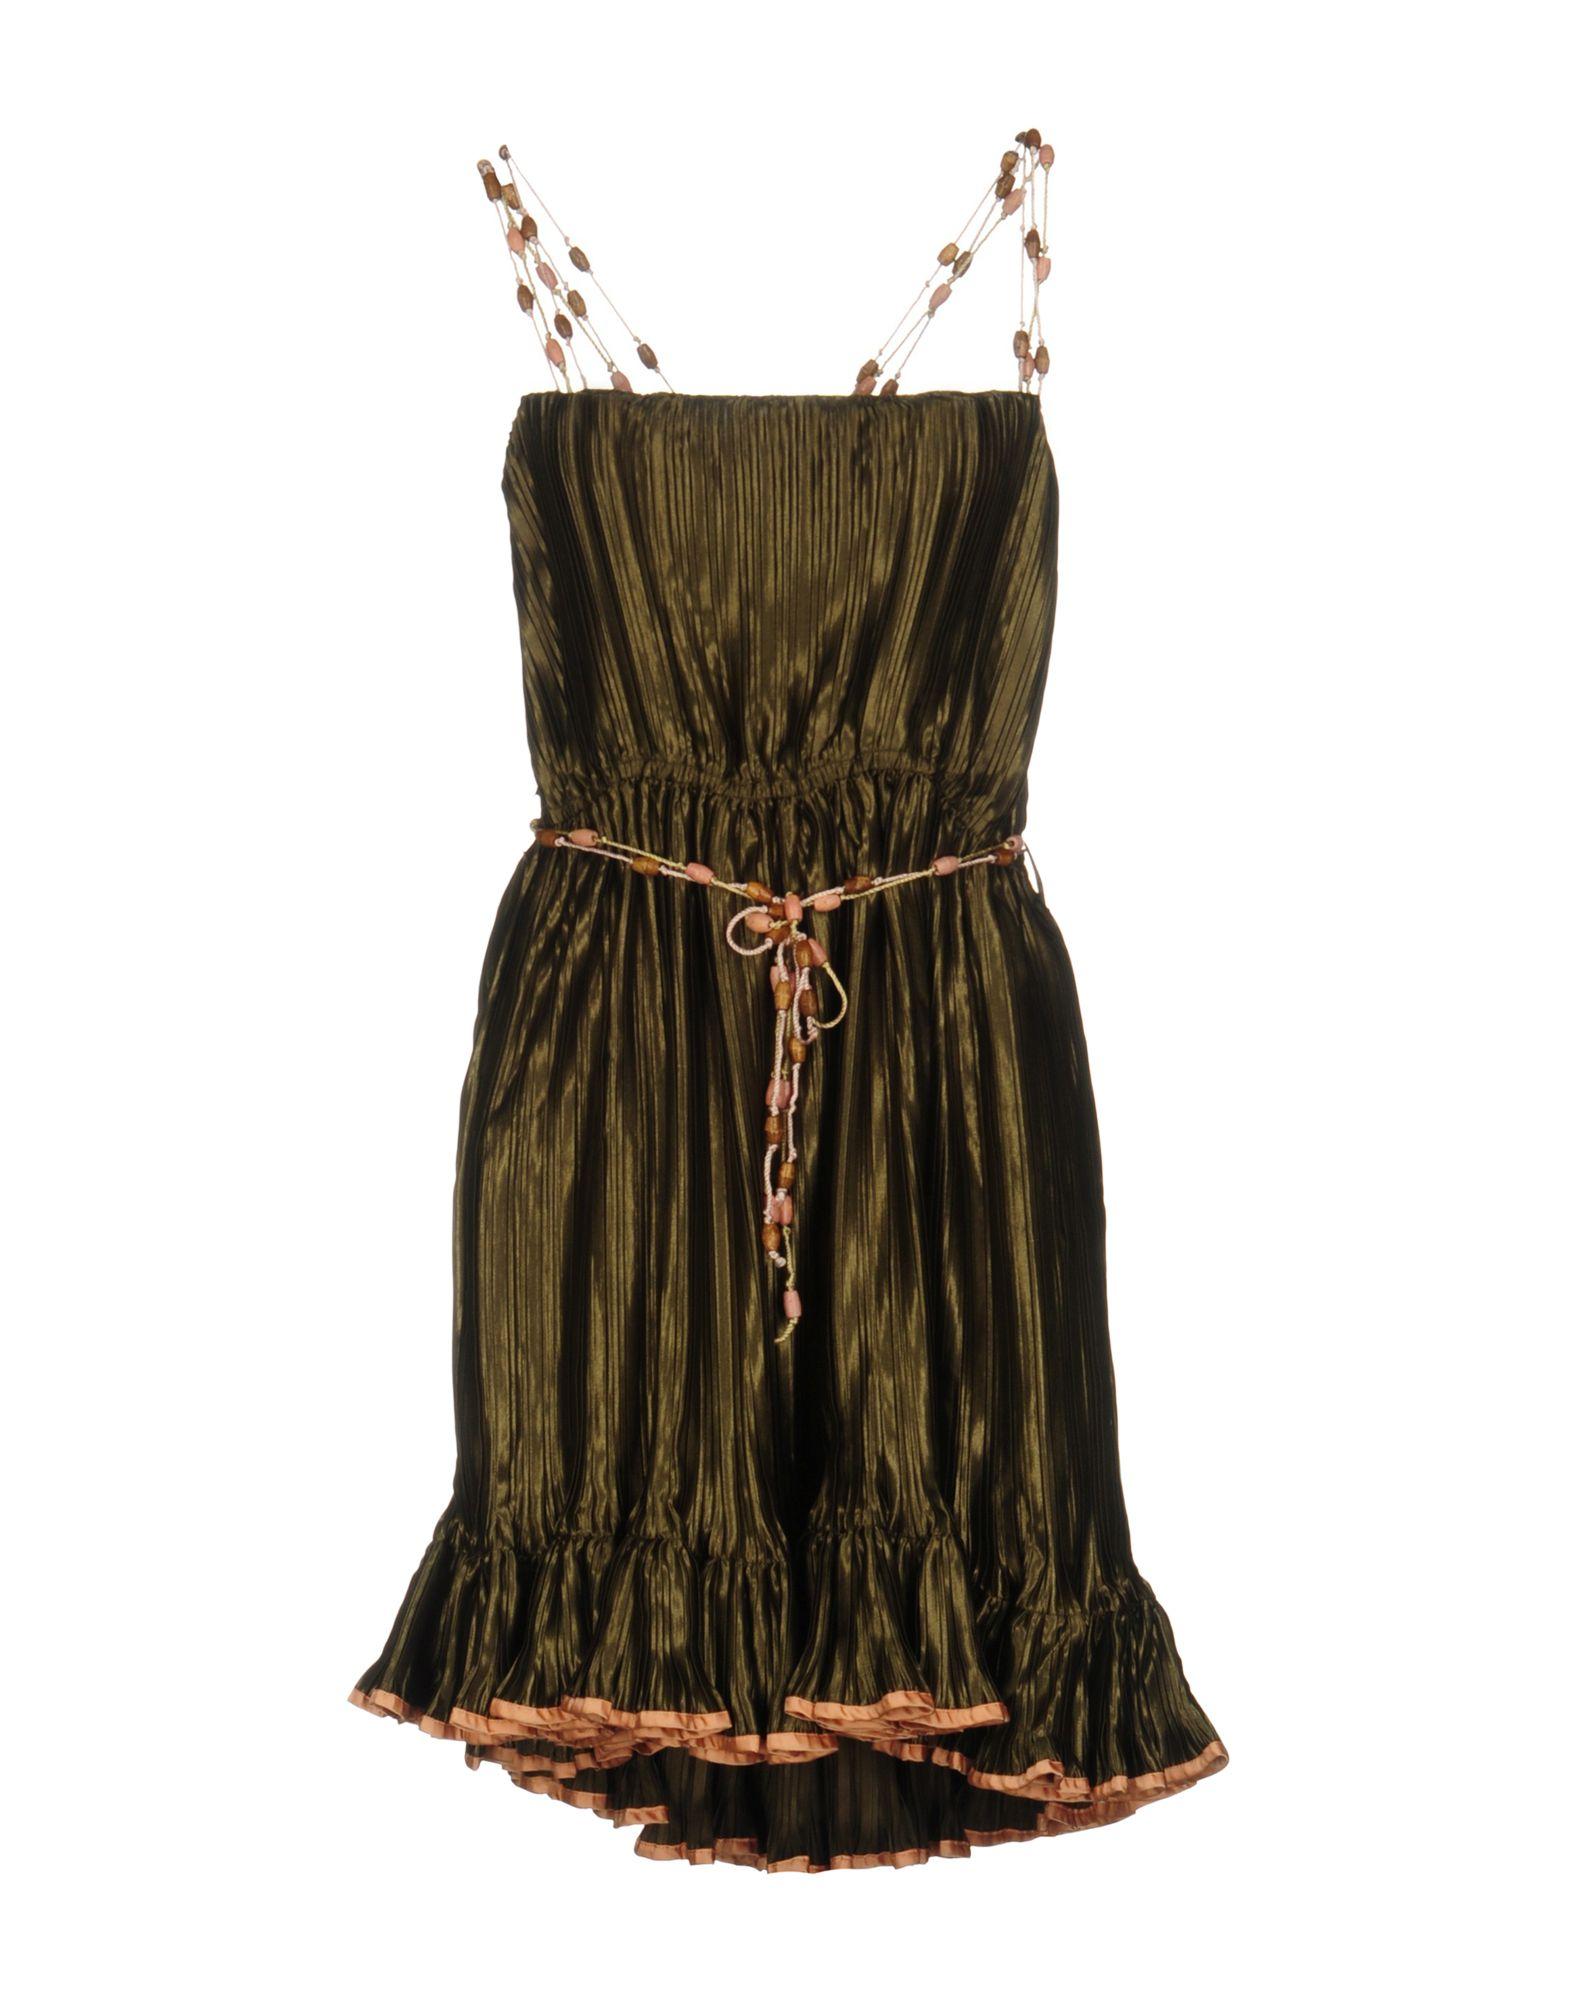 GALLIANO Короткое платье galliano платье galliano 34vr743067773 леопард